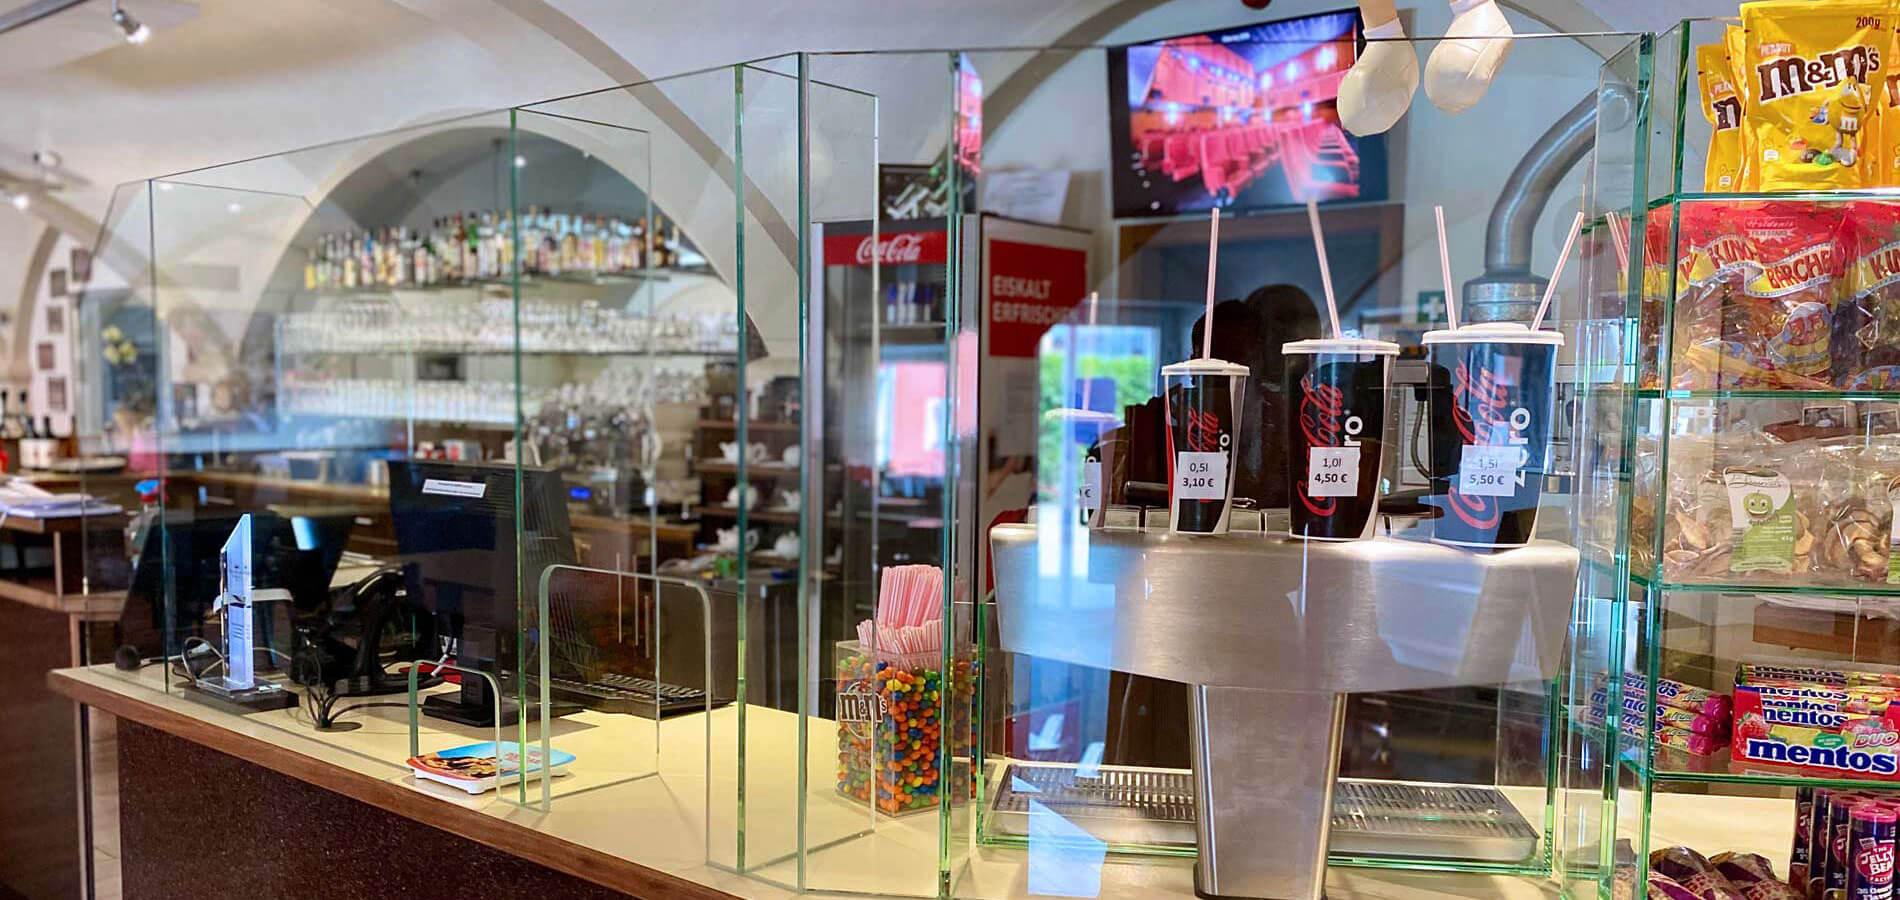 Corona Schutzwände Glas steril kaufen